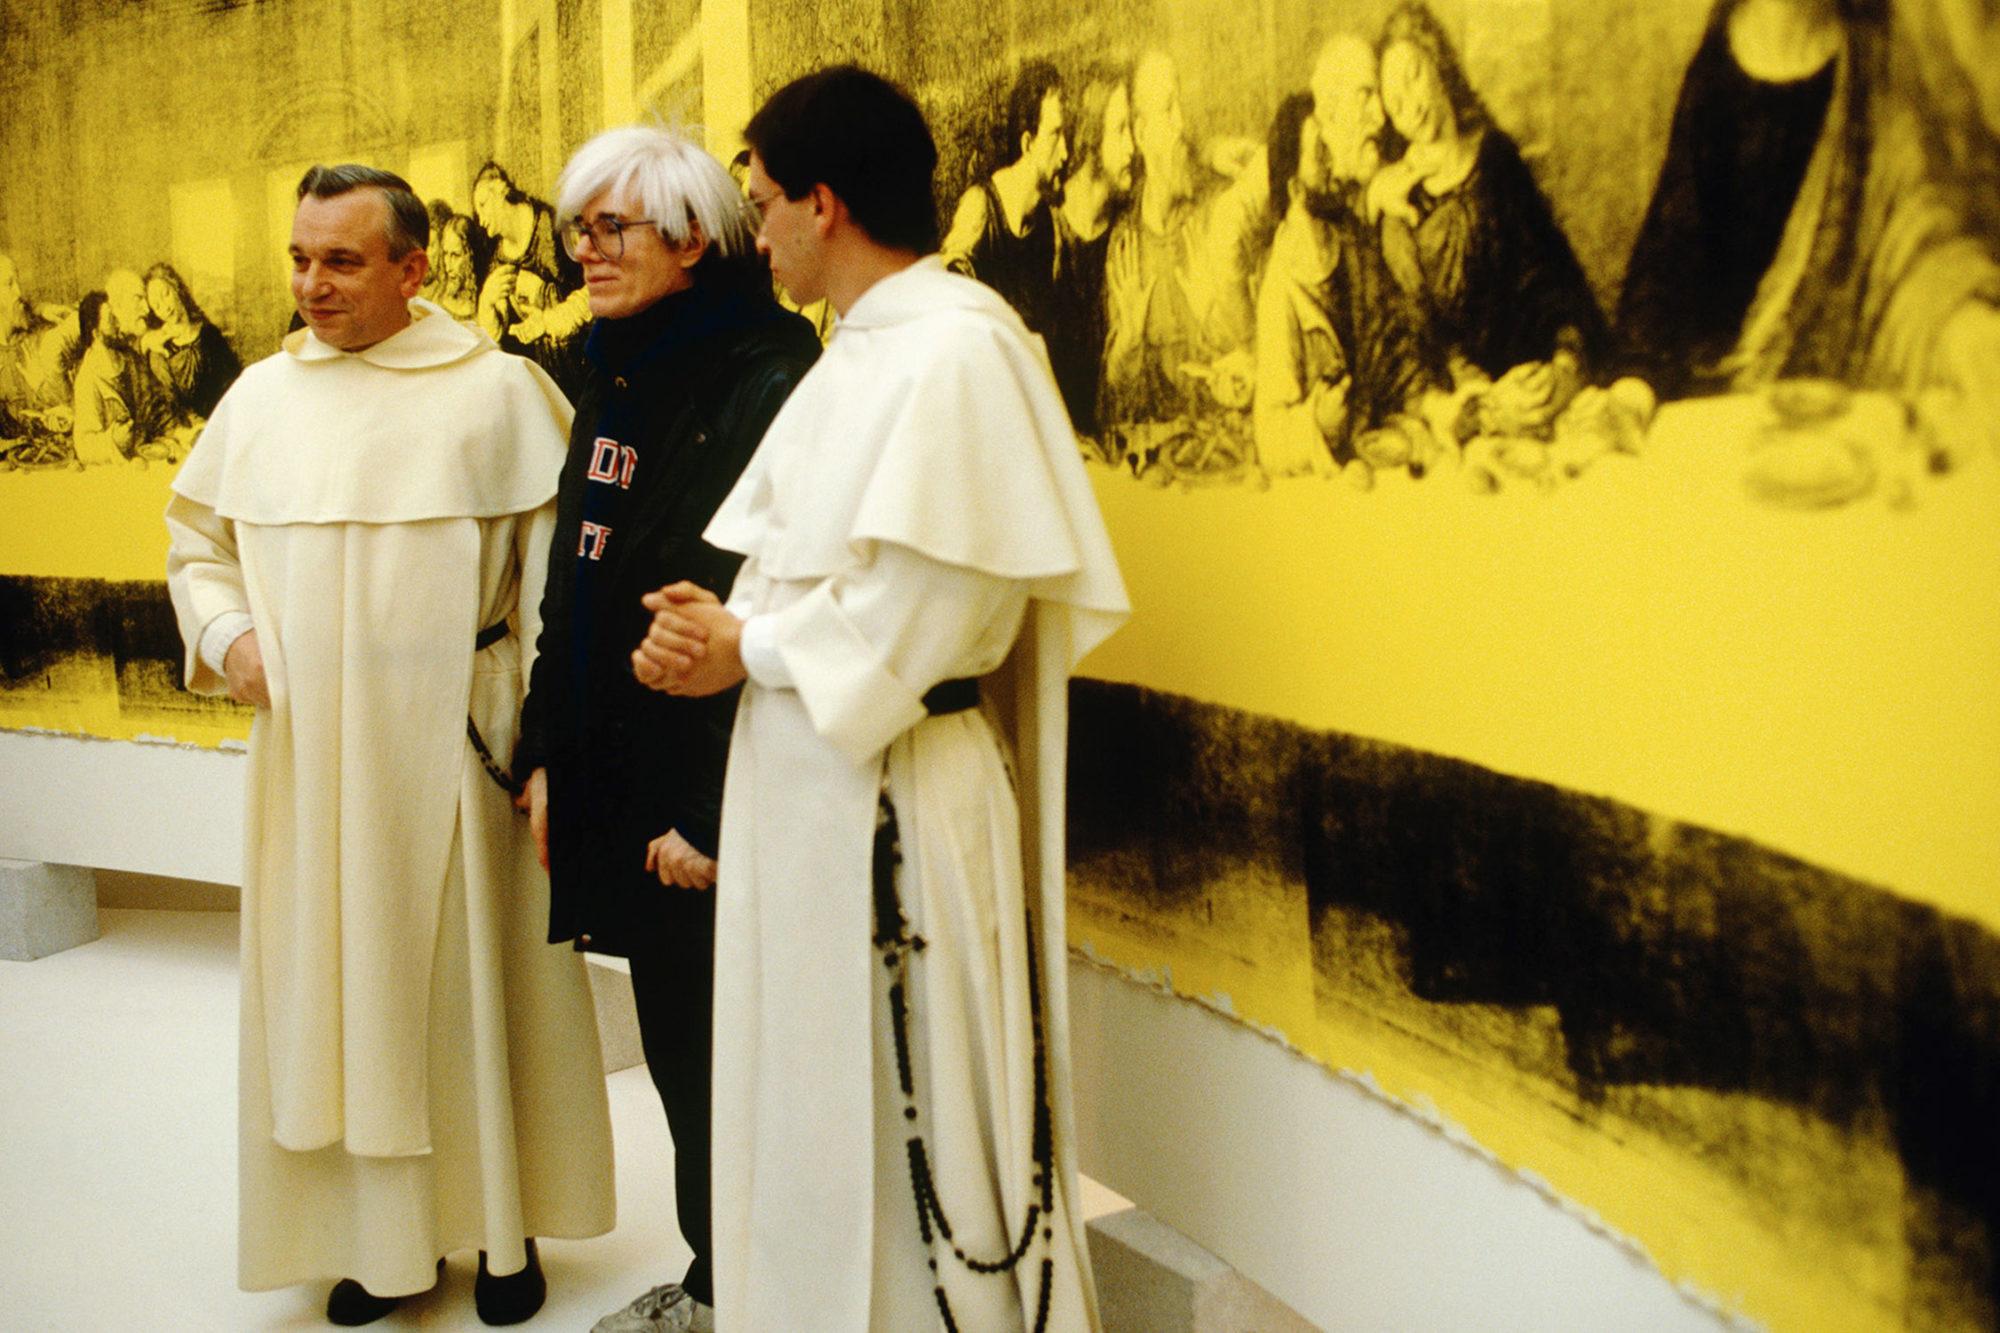 Andy Warhol e i frati davanti all'ultima cena di Leonardo da Vinci